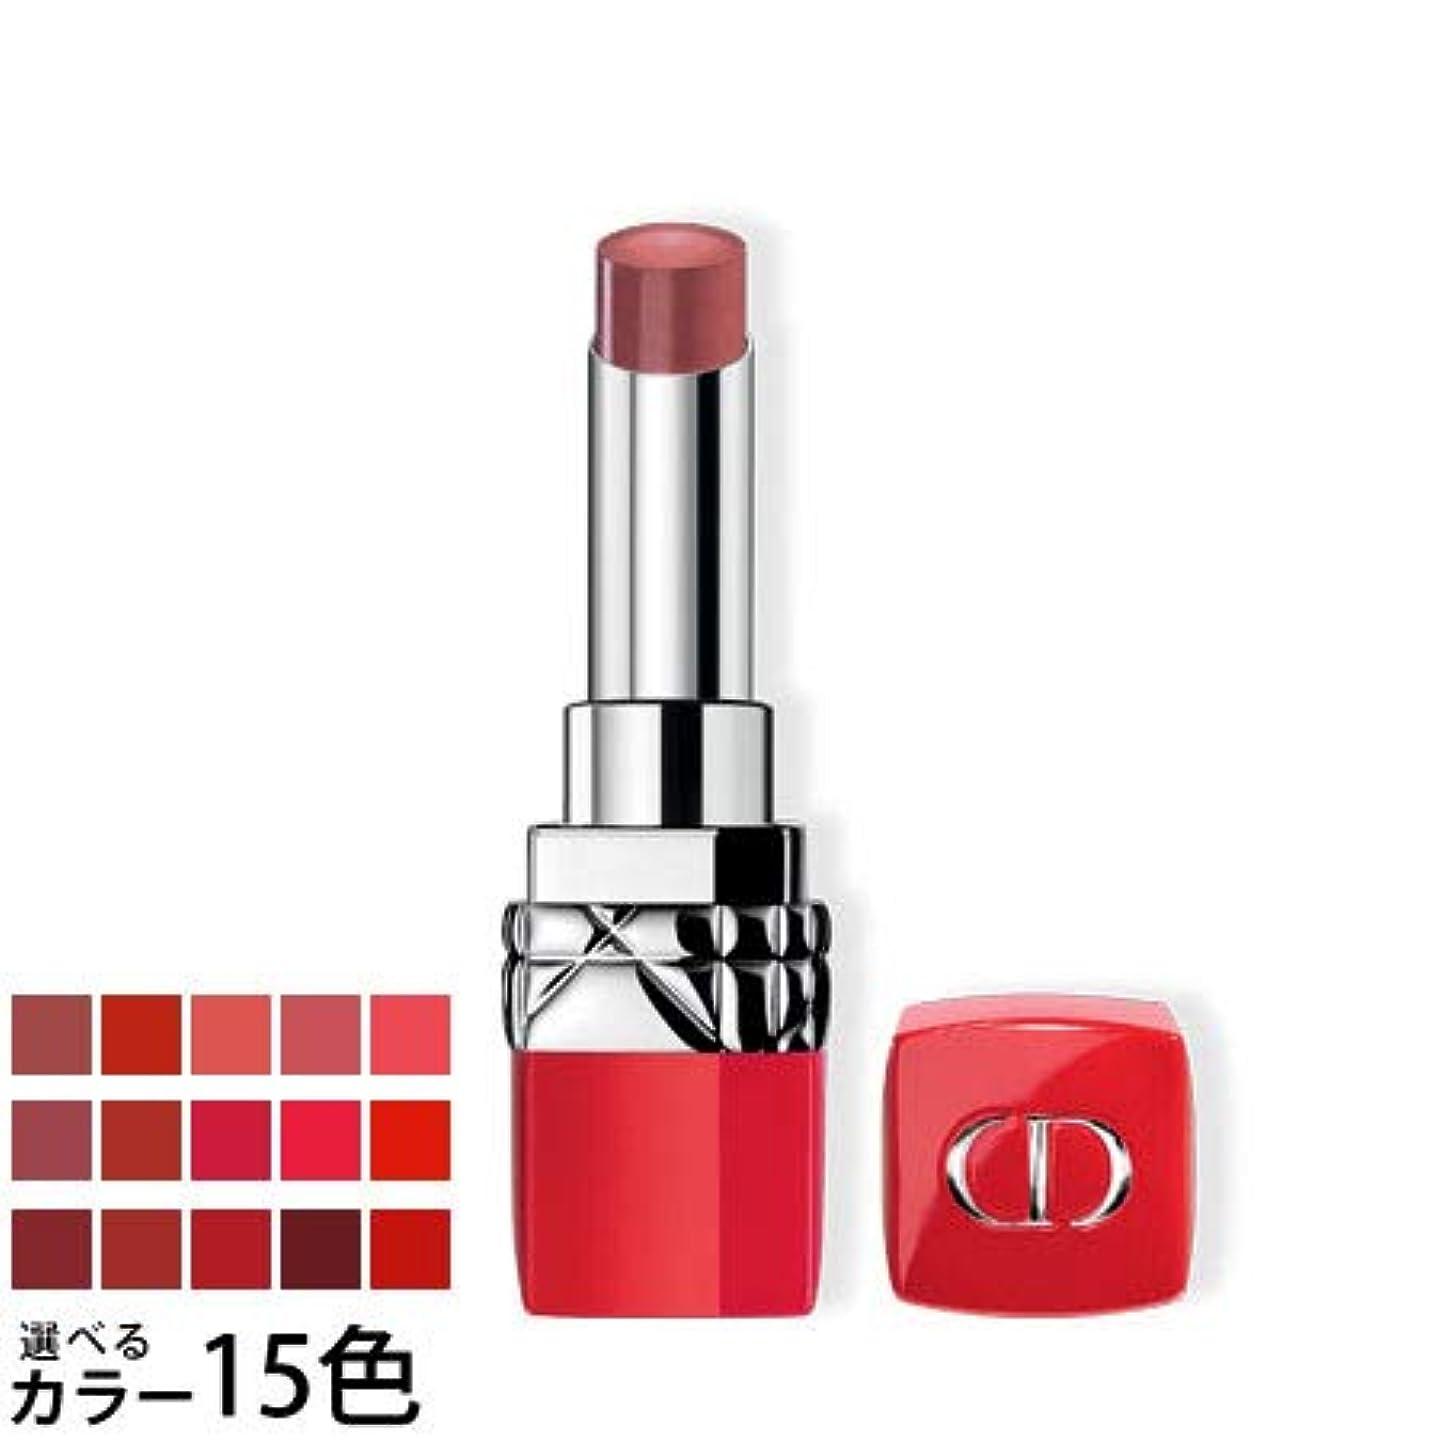 ホールドオール成分ランチディオール ルージュ ディオール ウルトラ ルージュ 選べる15色 -Dior- 851